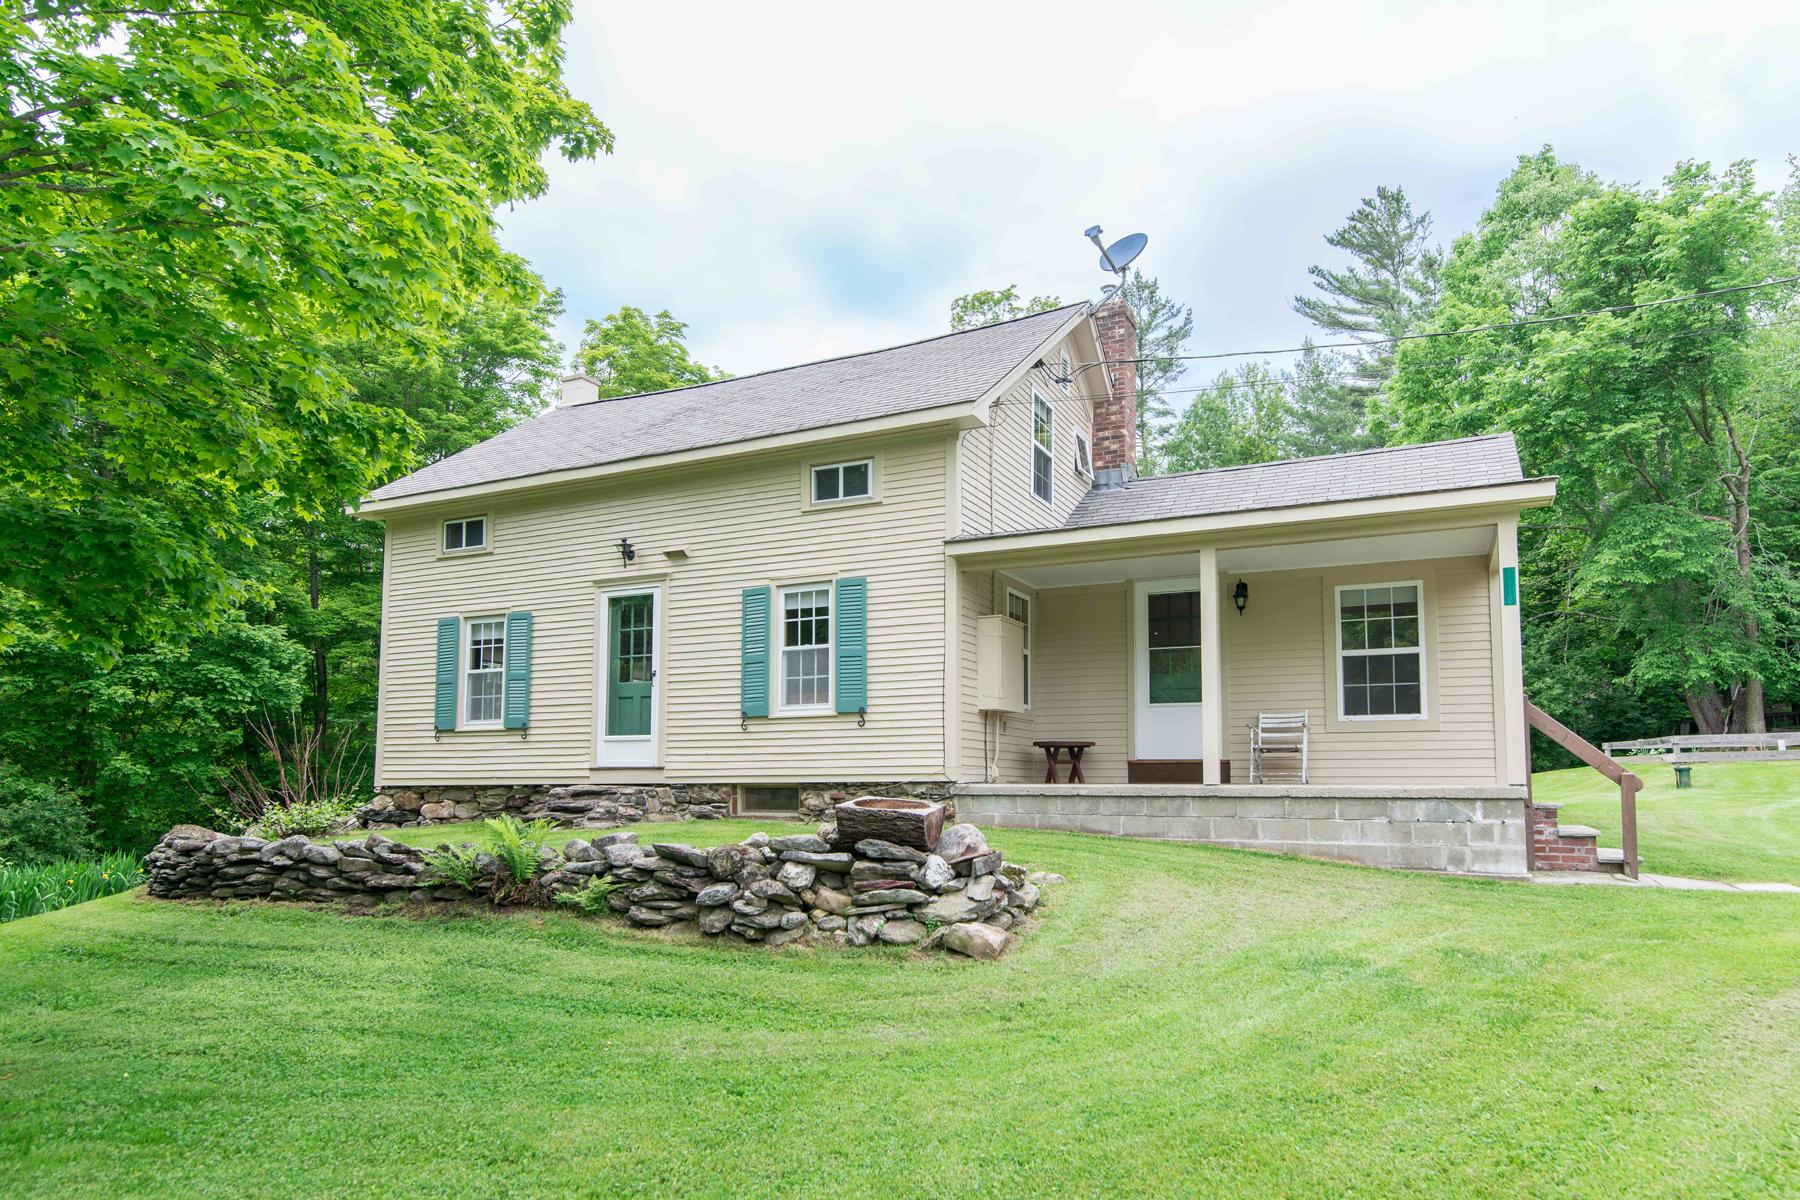 独户住宅 为 销售 在 1918 Green Hill, Danby 丹比, 佛蒙特州 05739 美国